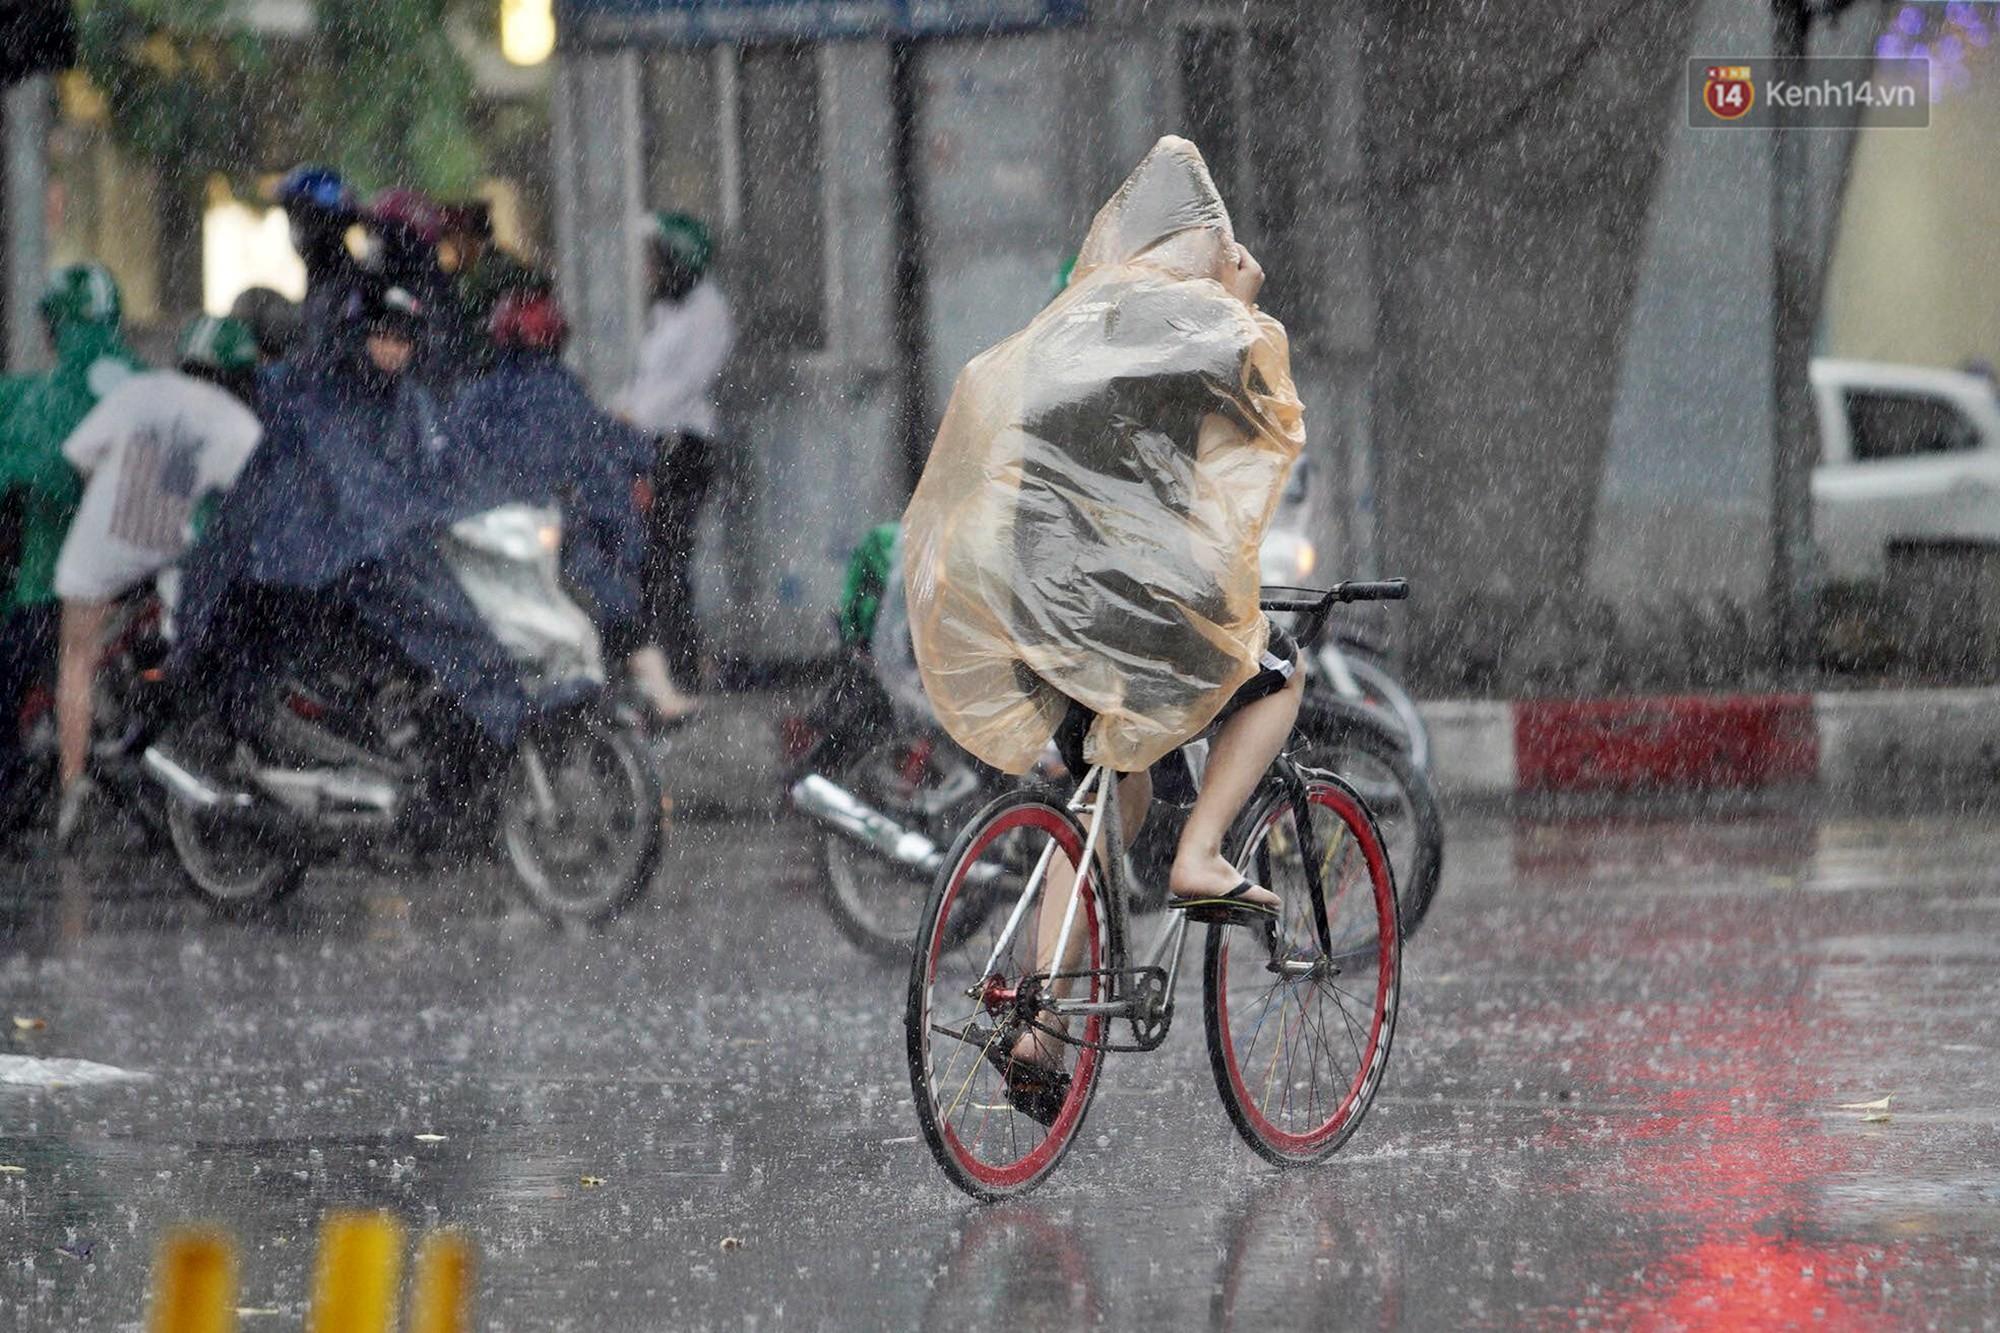 Ảnh hưởng bão số 2 khiến Hà Nội mưa trắng xoá, gió quật nghiêng người-20